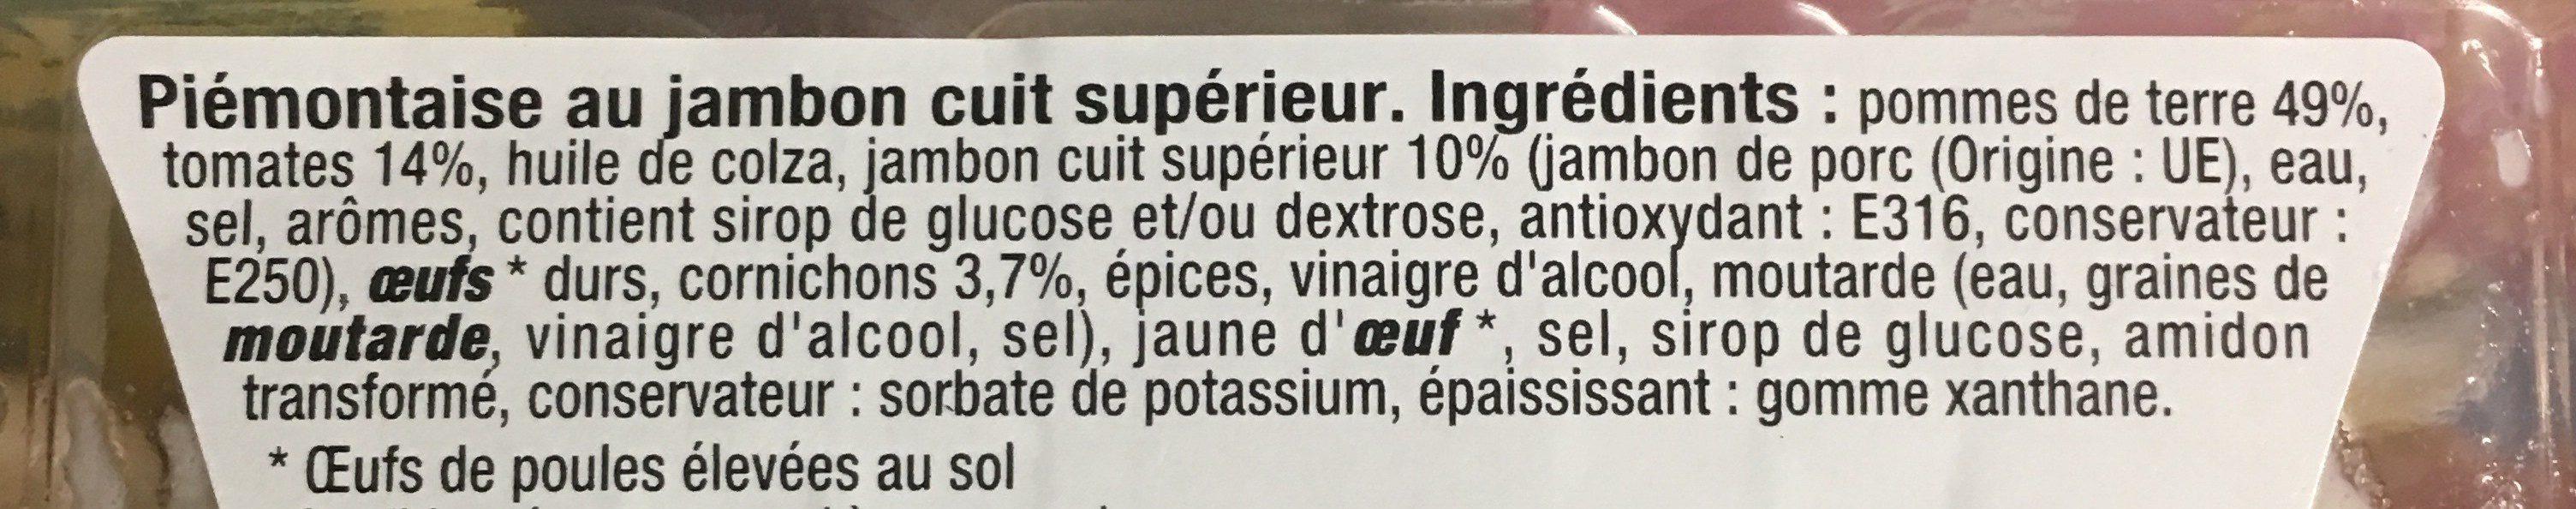 Piémontaise aux tomates fraîches et au jambon - Ingrédients - fr